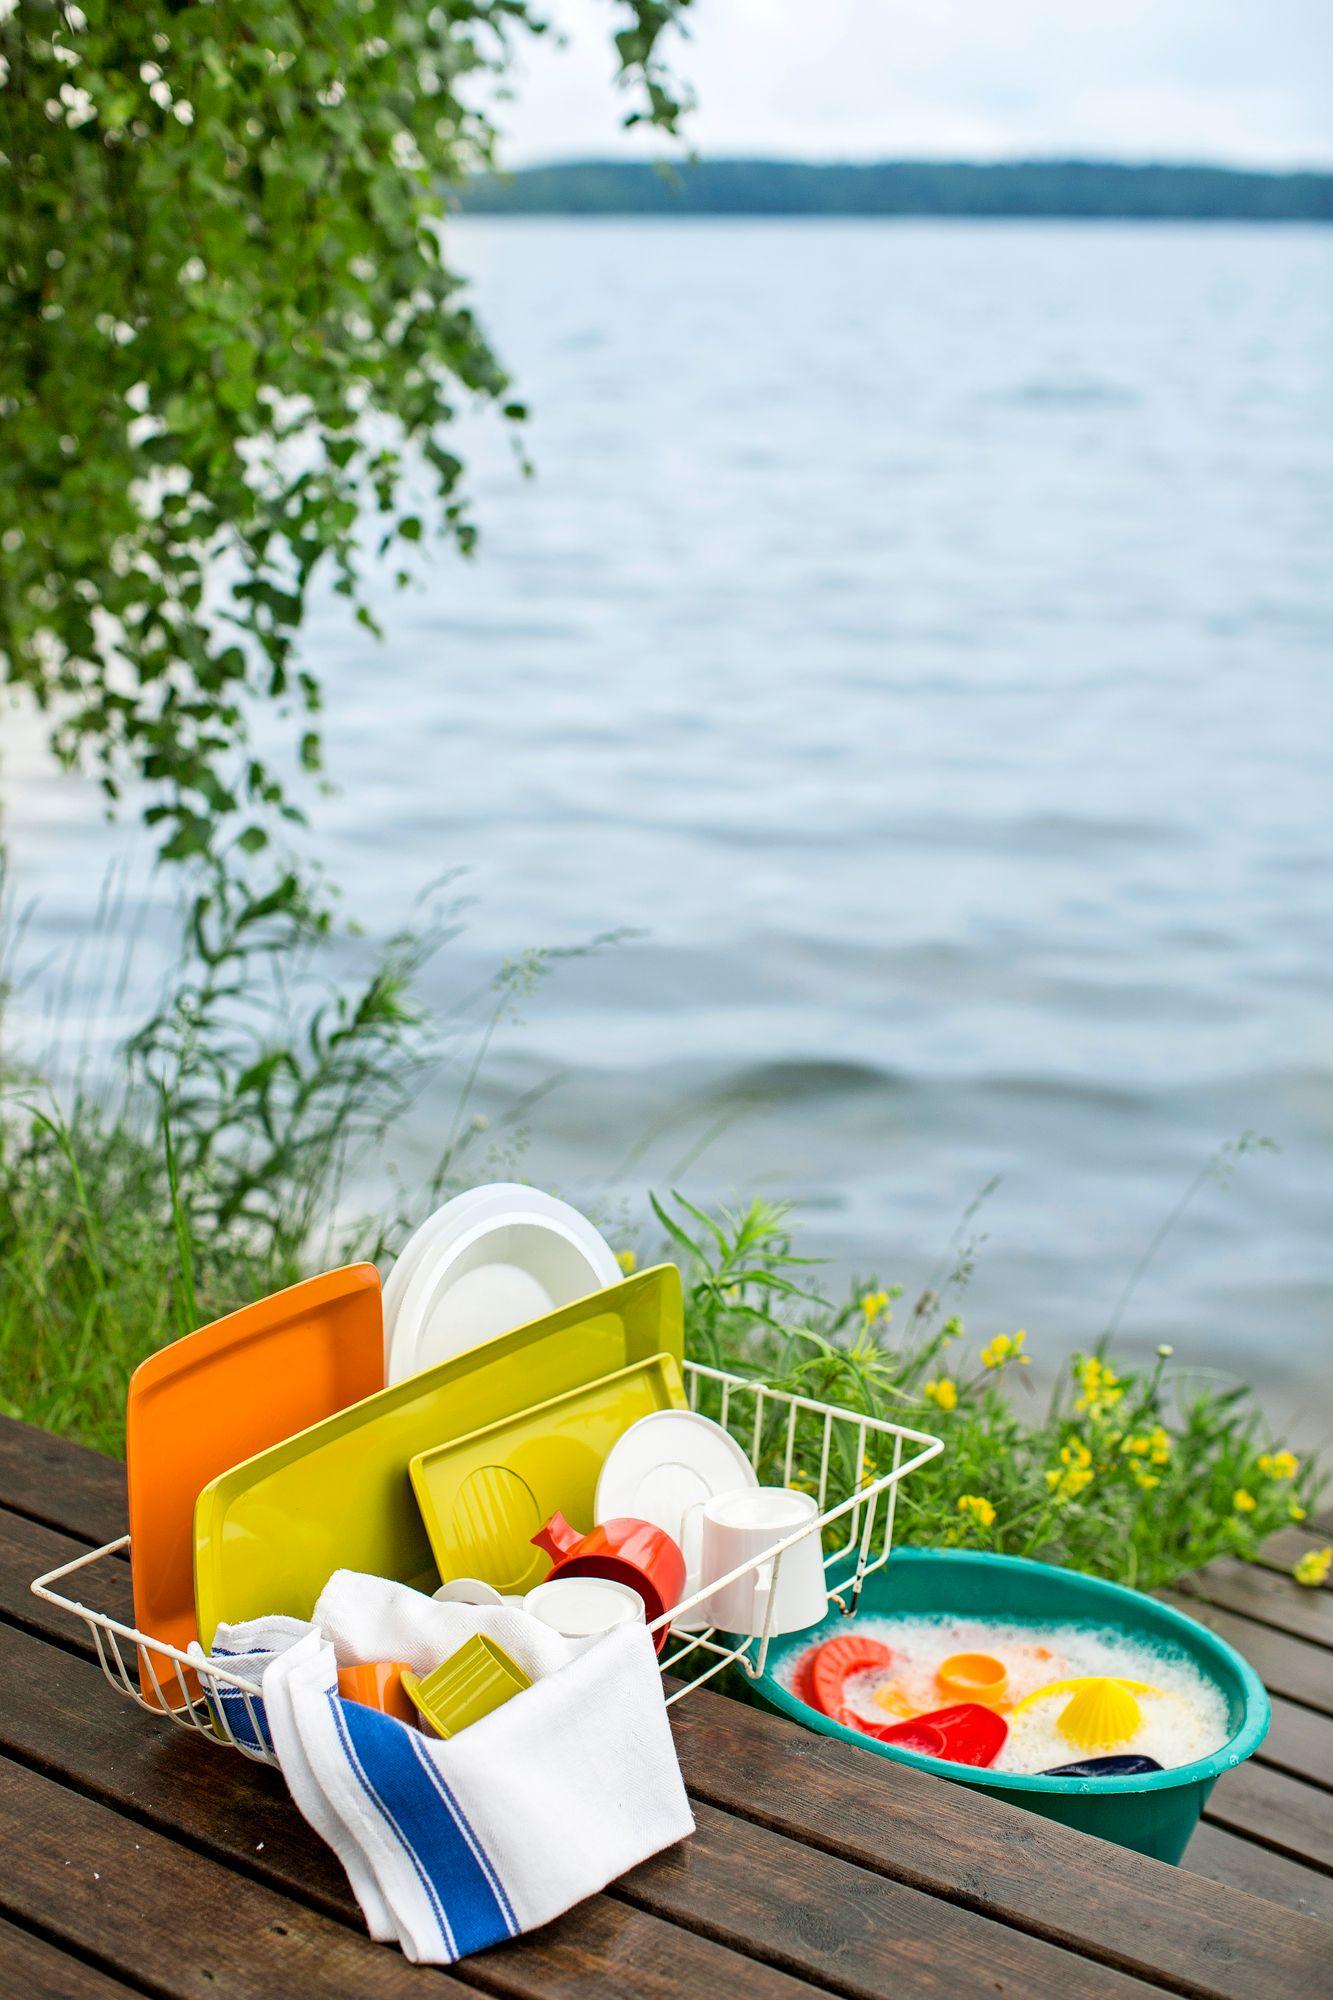 Kesävesijärjestelmällä voi nostaa vedet esimerkiksi tiskipaikalle tai kesäkeittiöön. Järvivedestä saa juomakelpoista vedenpuhdistajalla. © Tommi Tuomi